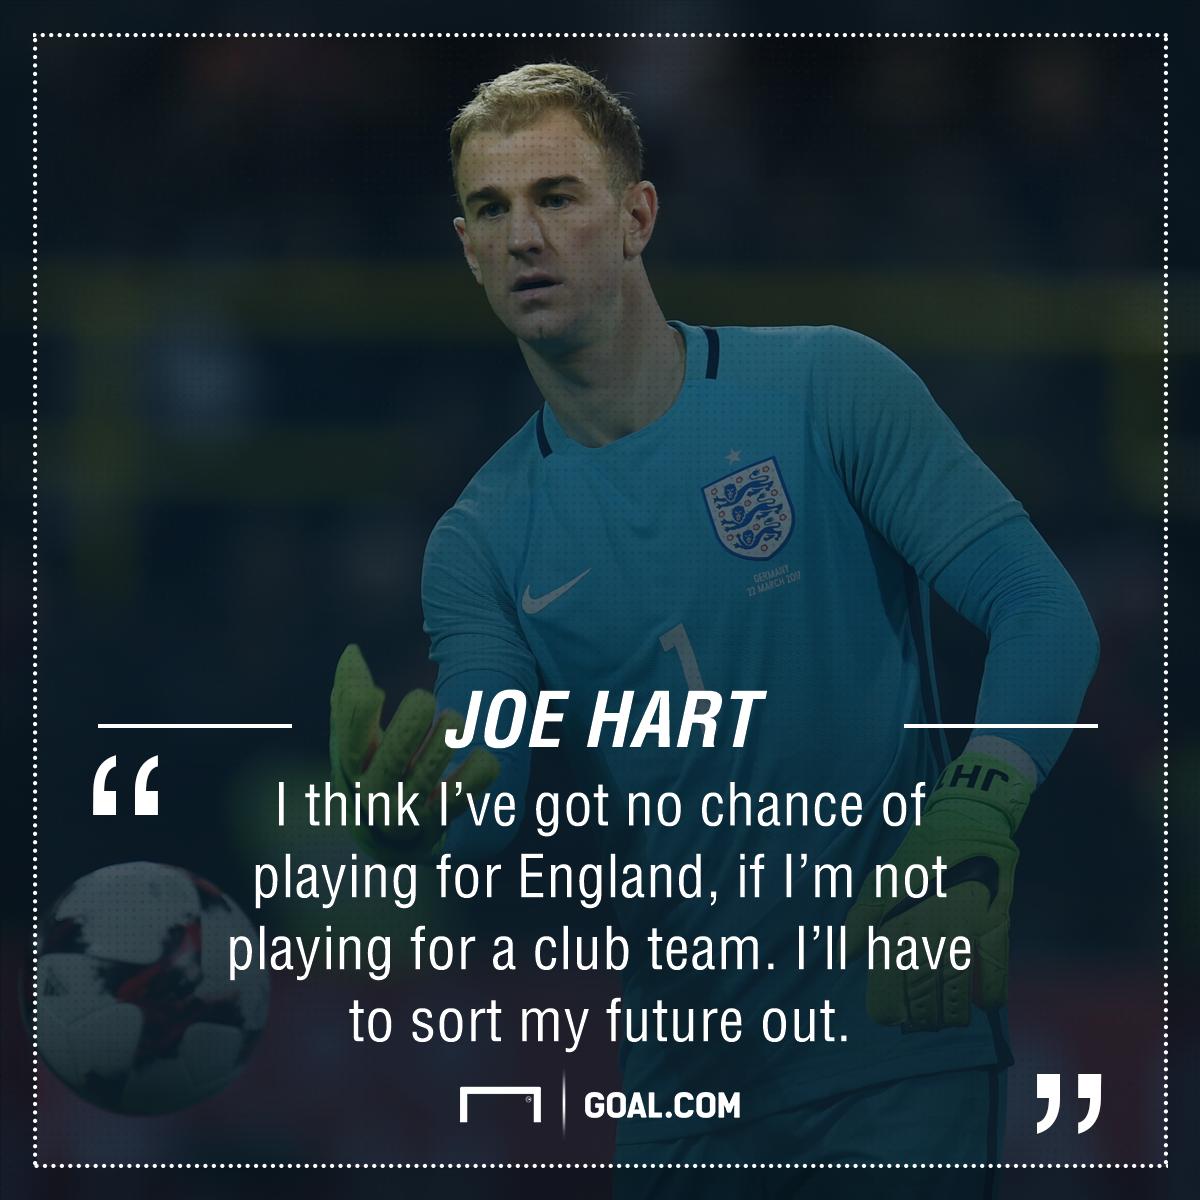 Joe Hart future